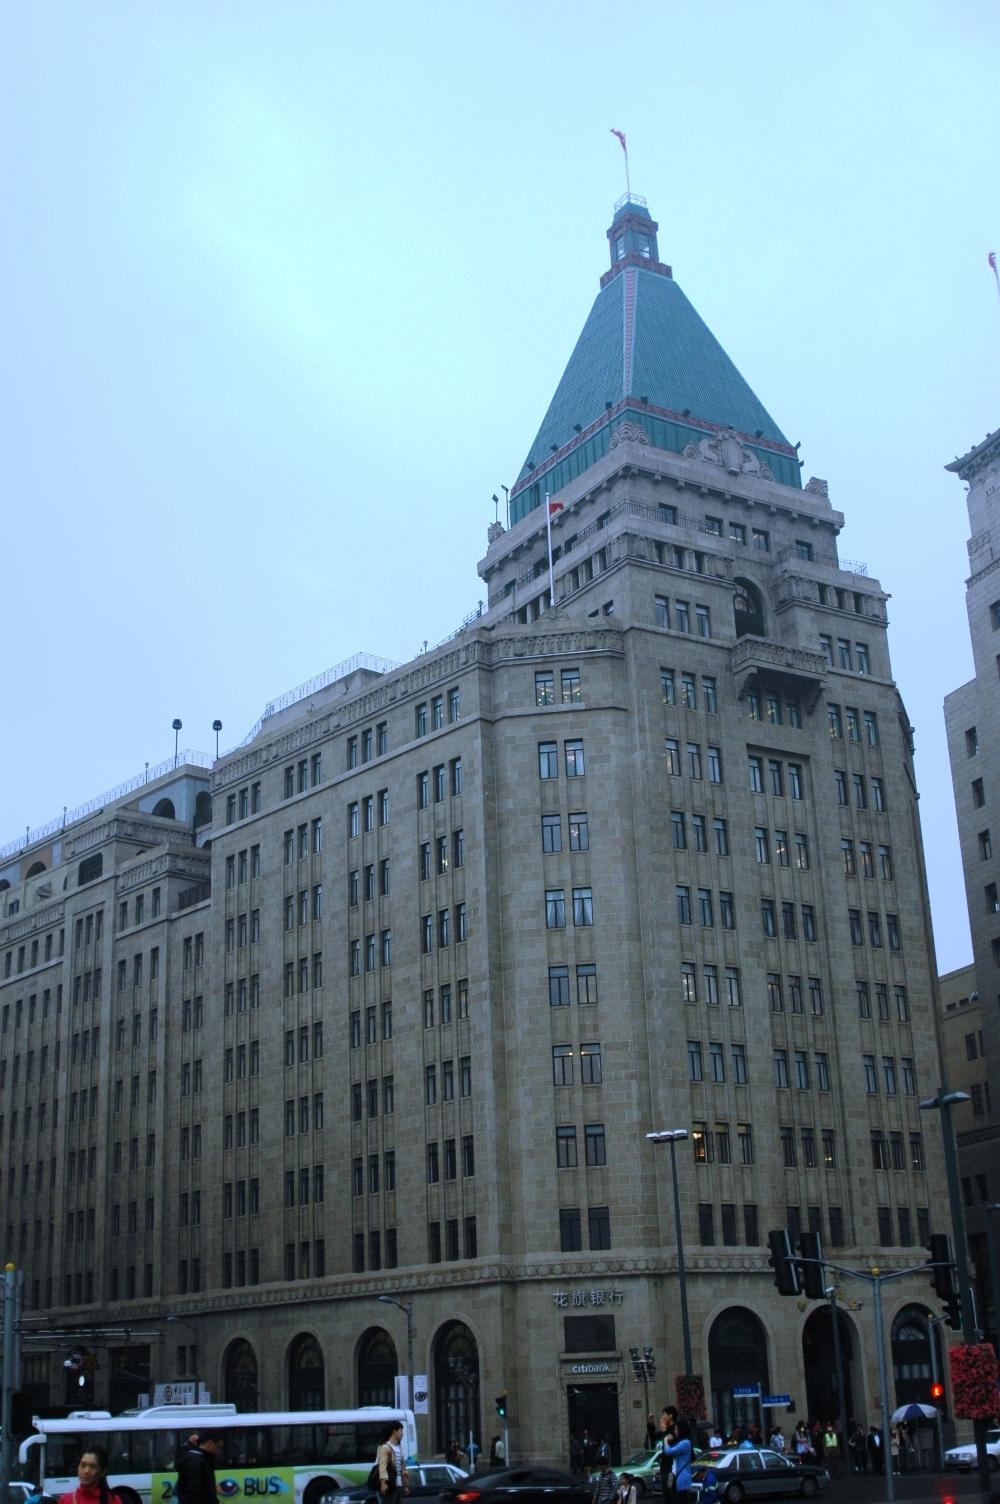 2012年10月22日:  上海外滩 再见Fairmont 和平饭店